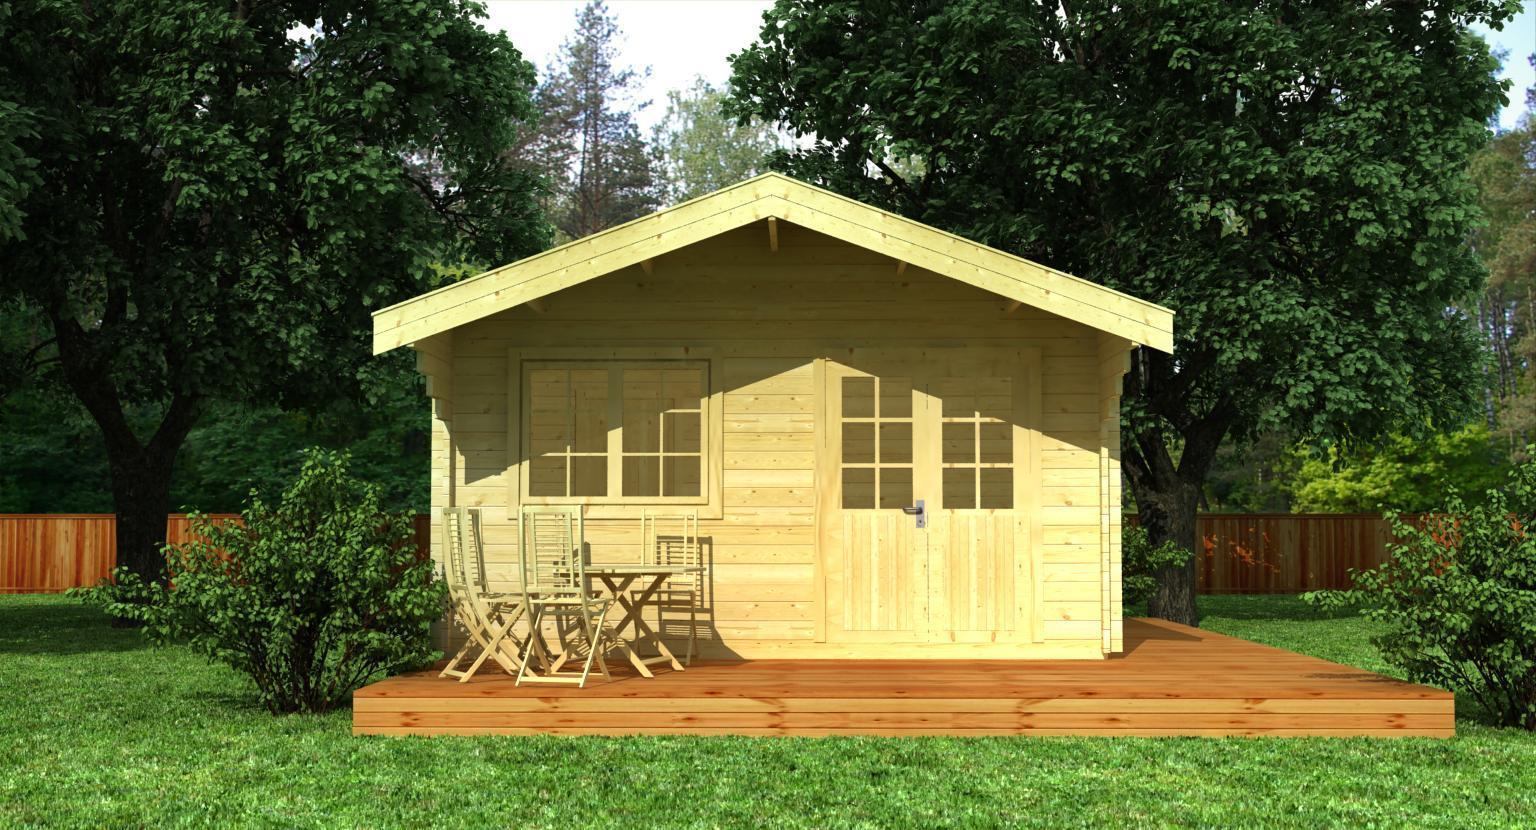 gartenhaus modell konstanz 70 sams gartenhaus shop. Black Bedroom Furniture Sets. Home Design Ideas